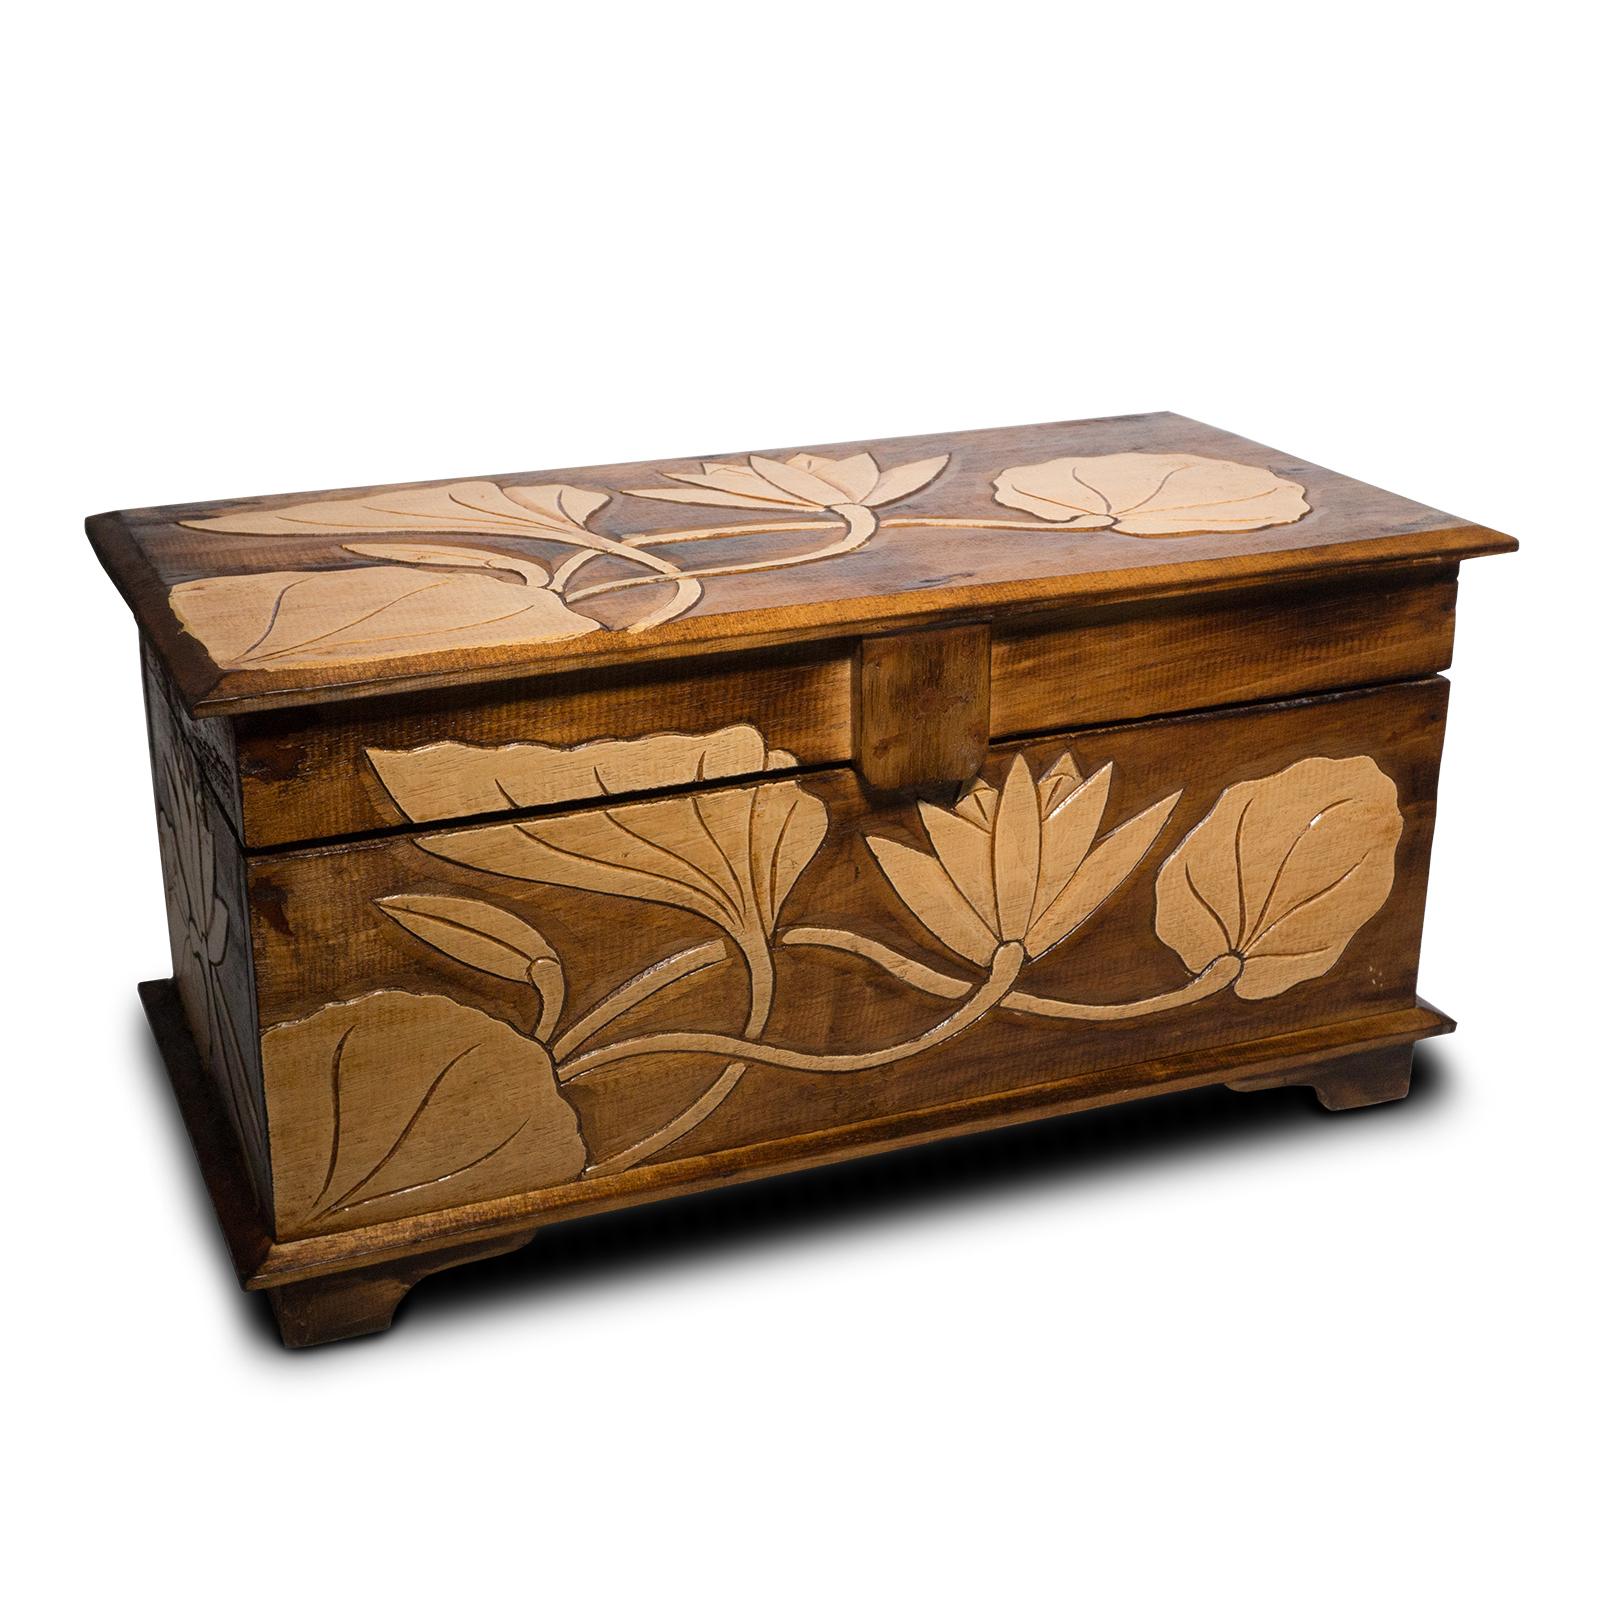 Holz Truhe Blume Verzierung 40 - 60cm, Schatztruhe, Schatzkiste, Box, Holzbox, Schnitzerei Braun – Bild 8